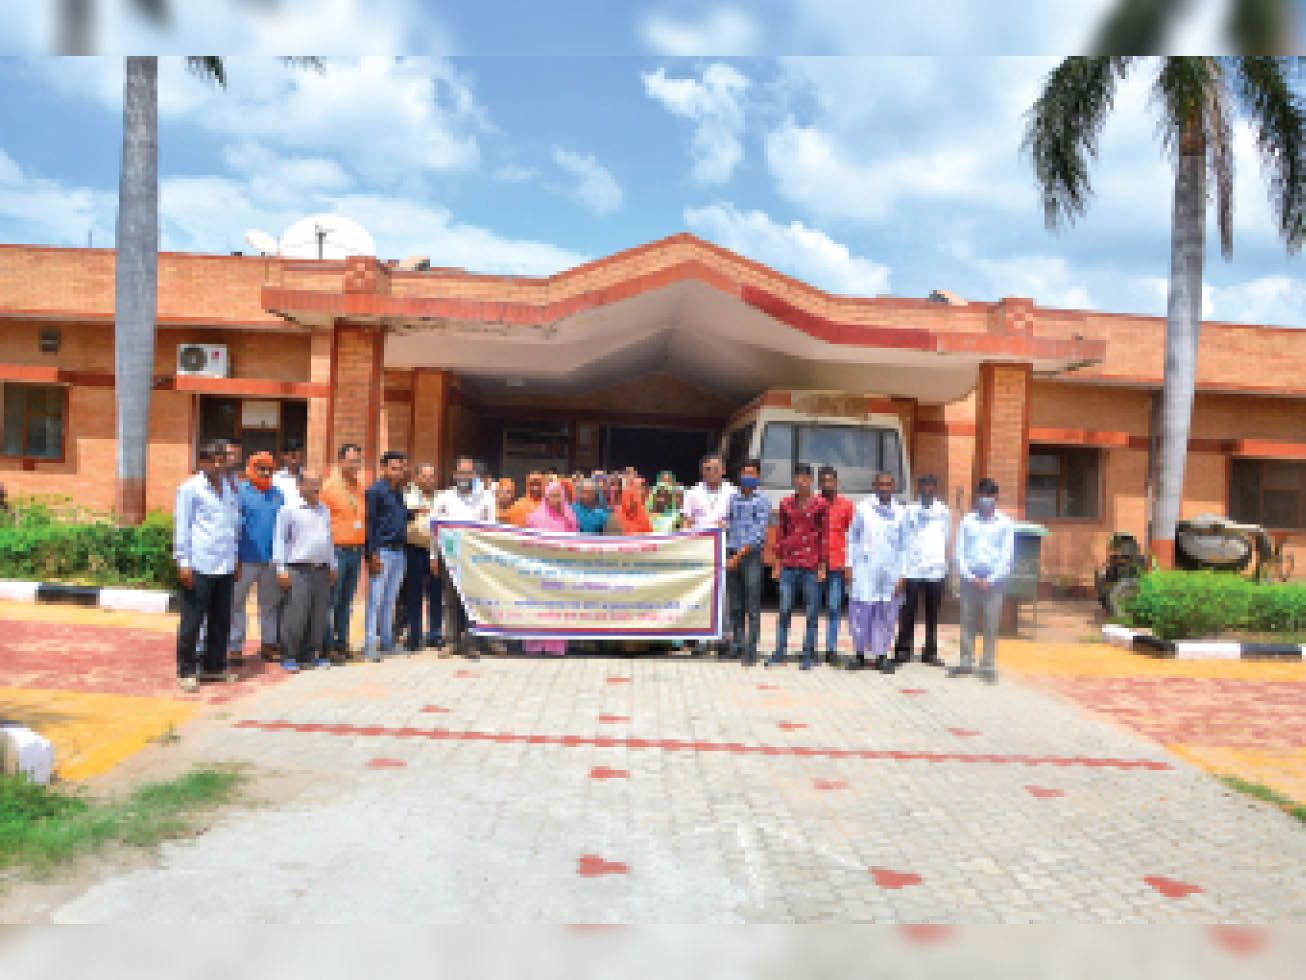 मृदा एवं जल संरक्षण अनुसंधान केंद्र पर किसानों ने किया भ्रमण। - Dainik Bhaskar